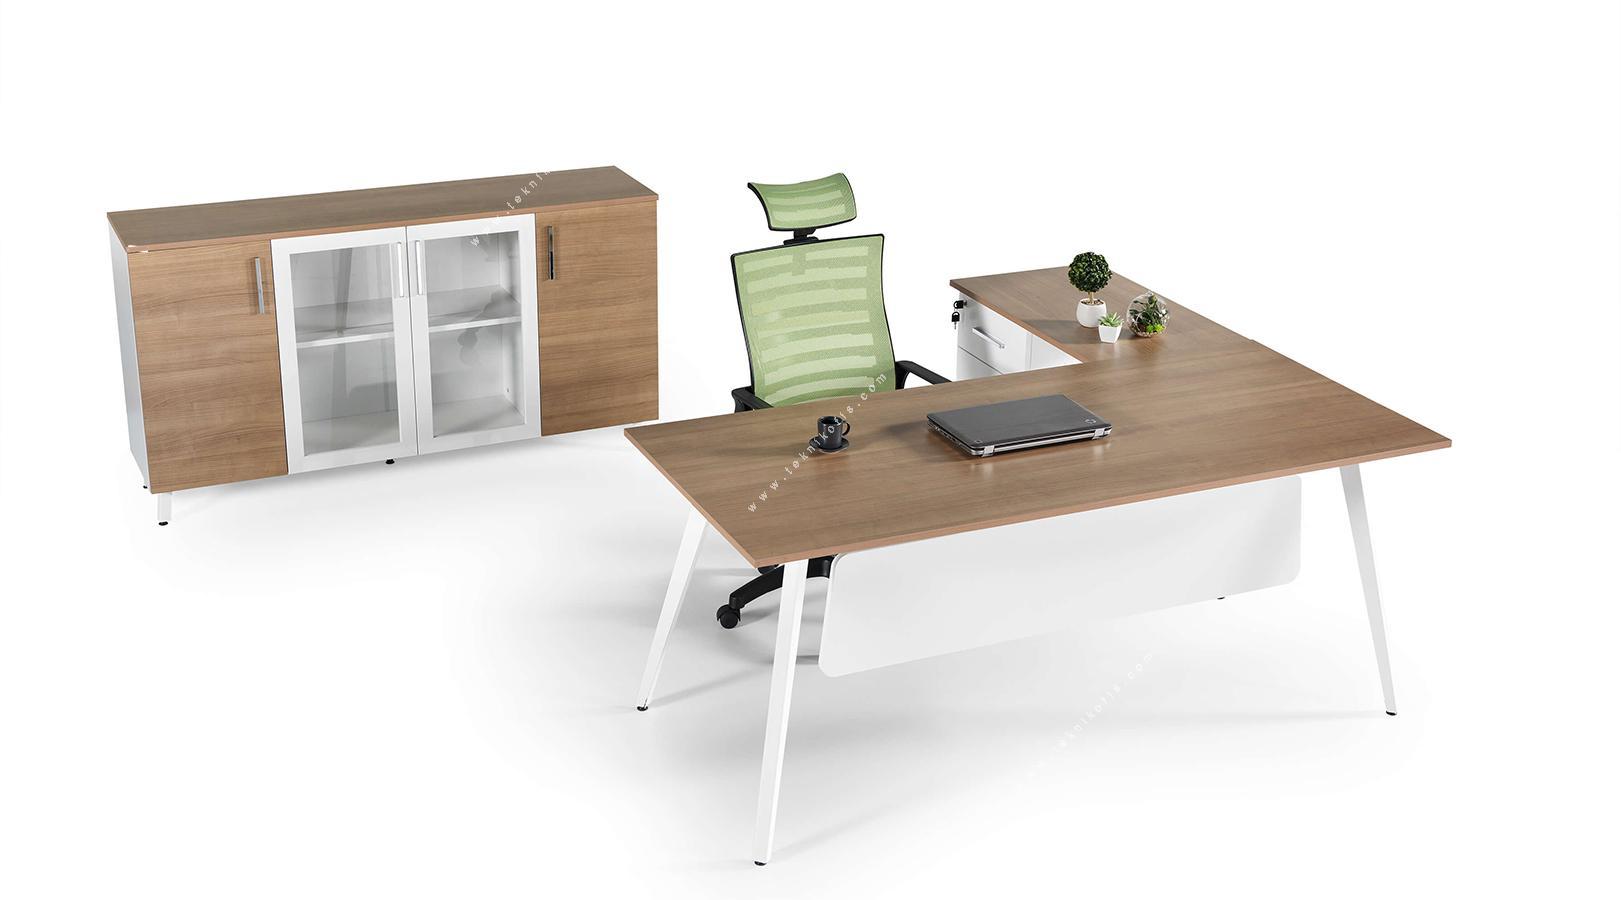 fanova etajerli ofis mobilyası 180cm